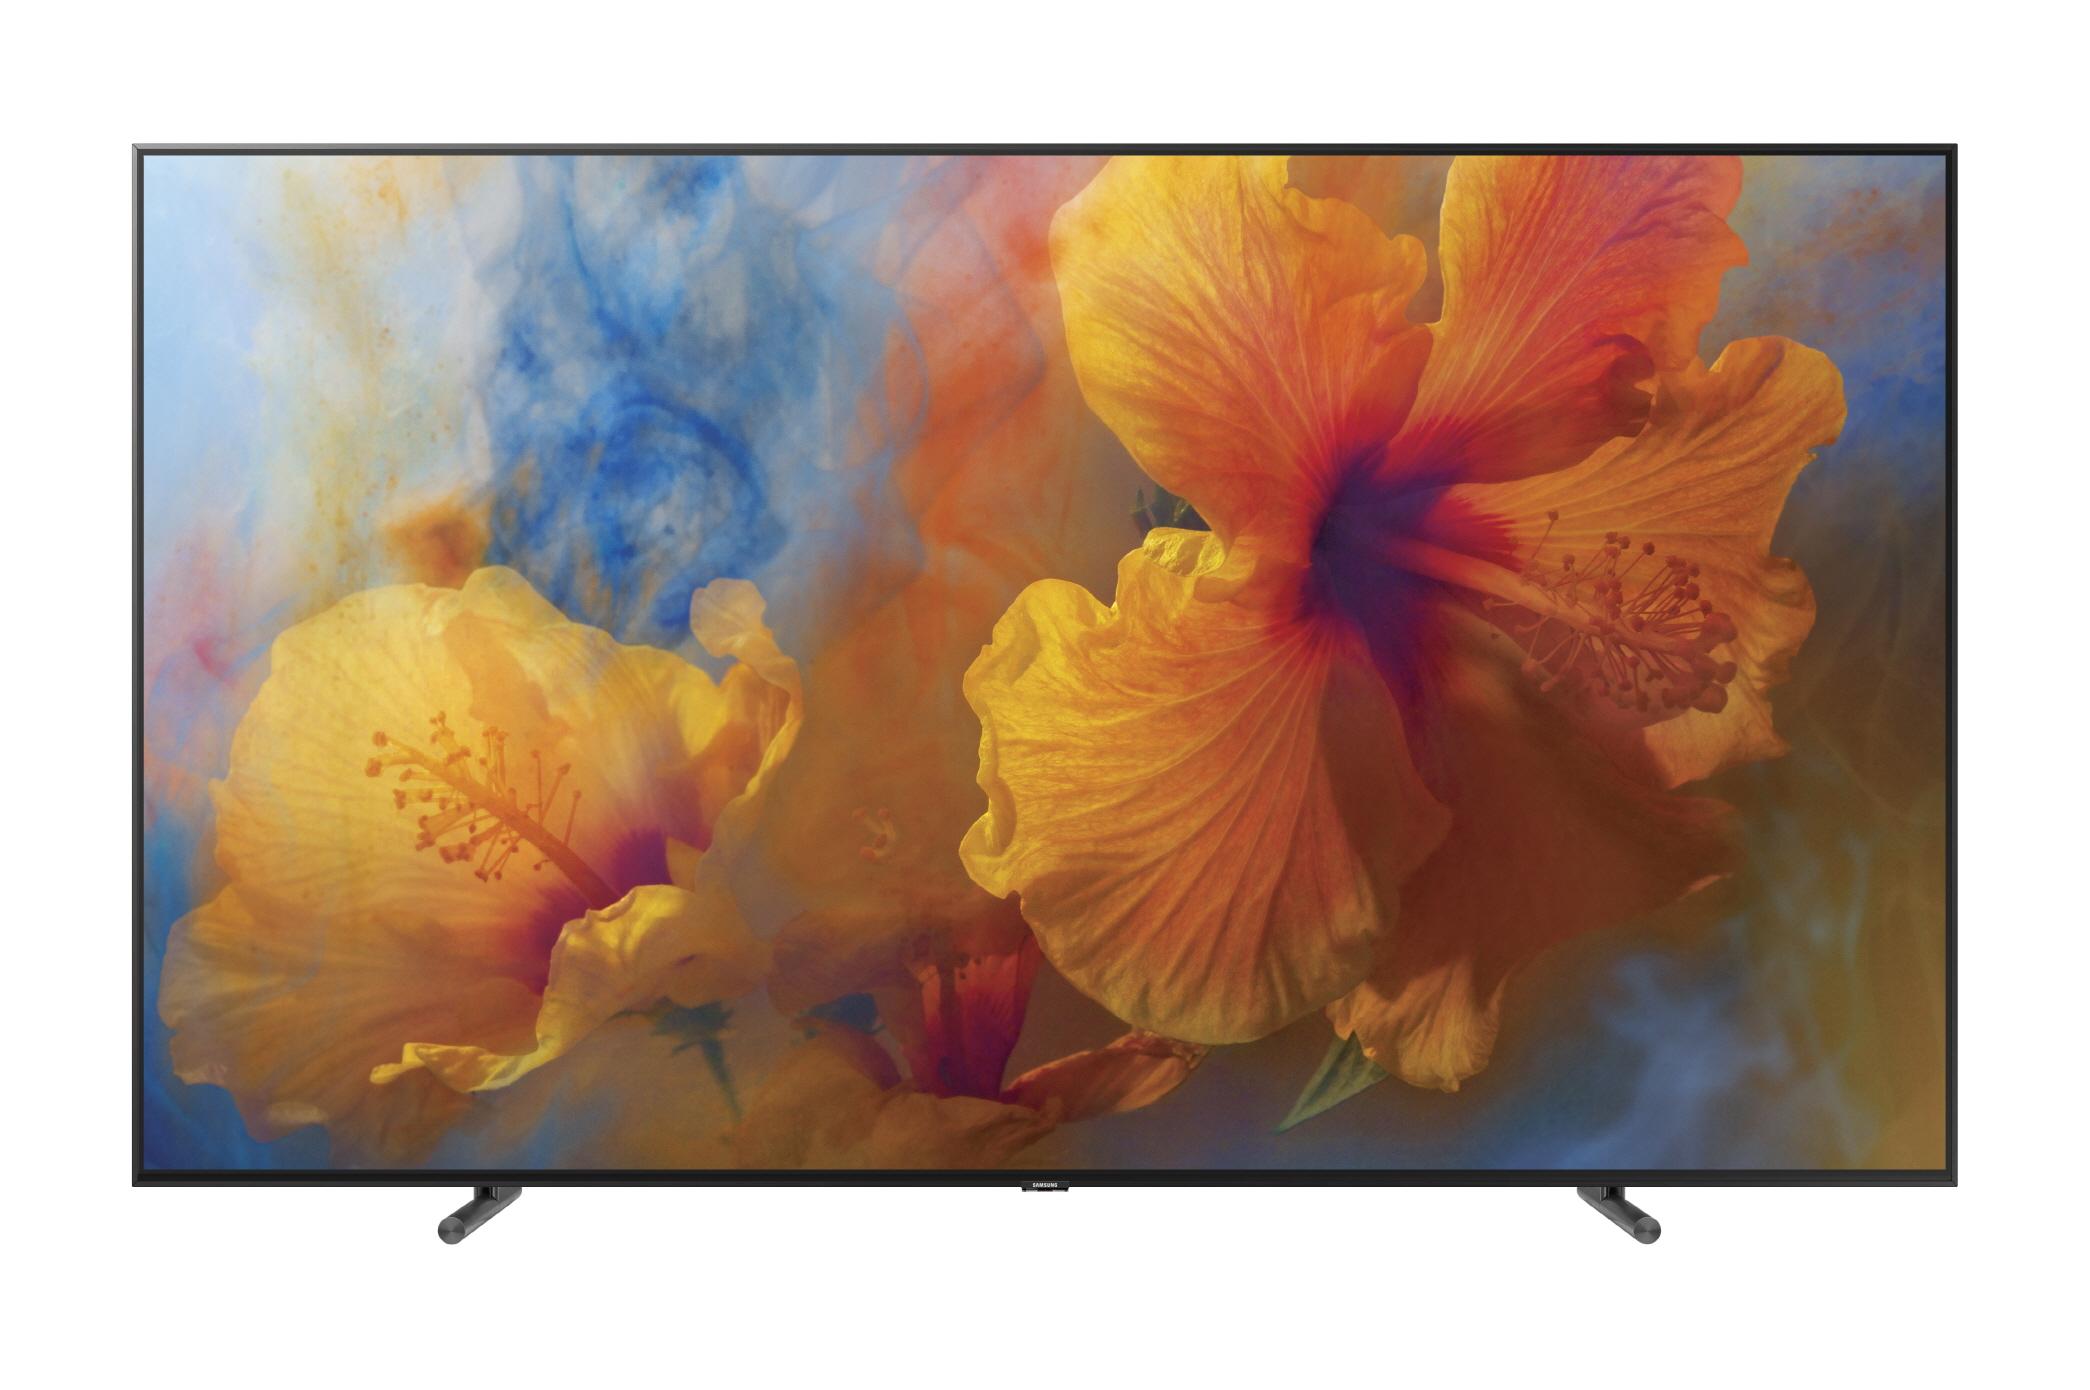 삼성 QLED TV Q9 제품사진